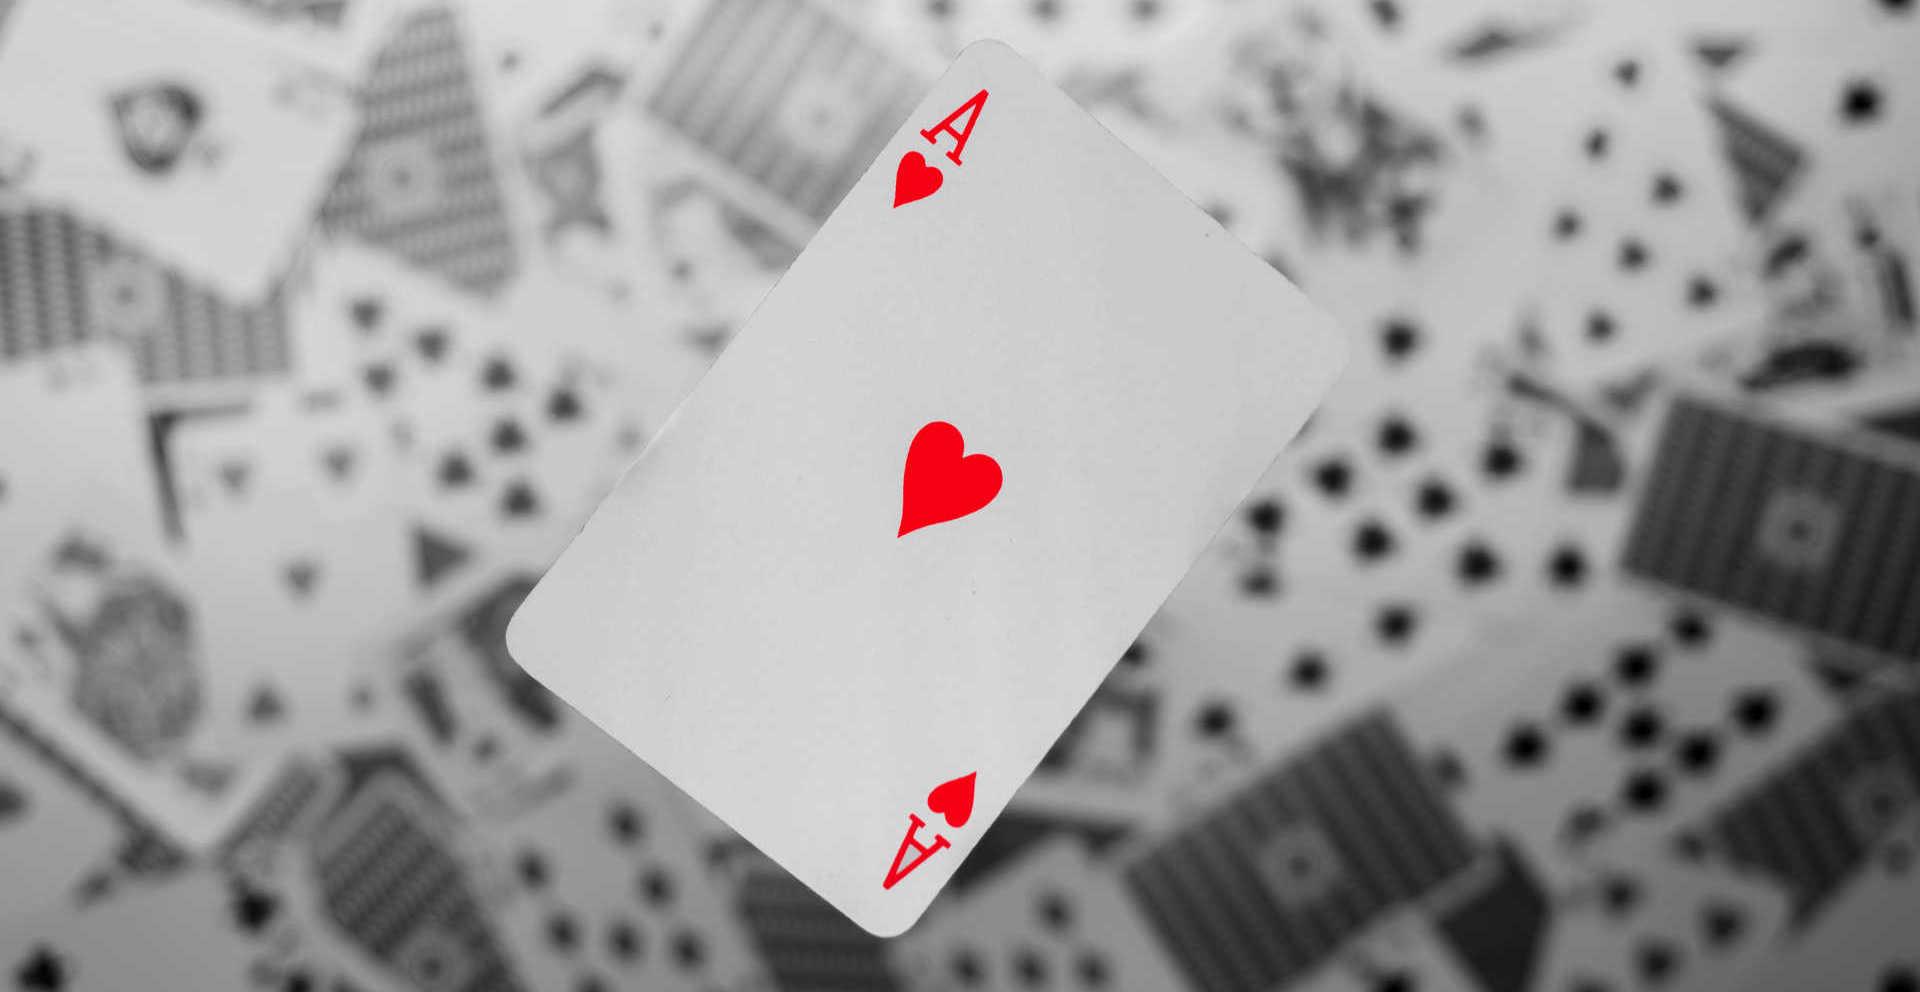 Actualités développement web : 4 bonnes pratiques de conception web inspirées des jeux de cartes à jouer